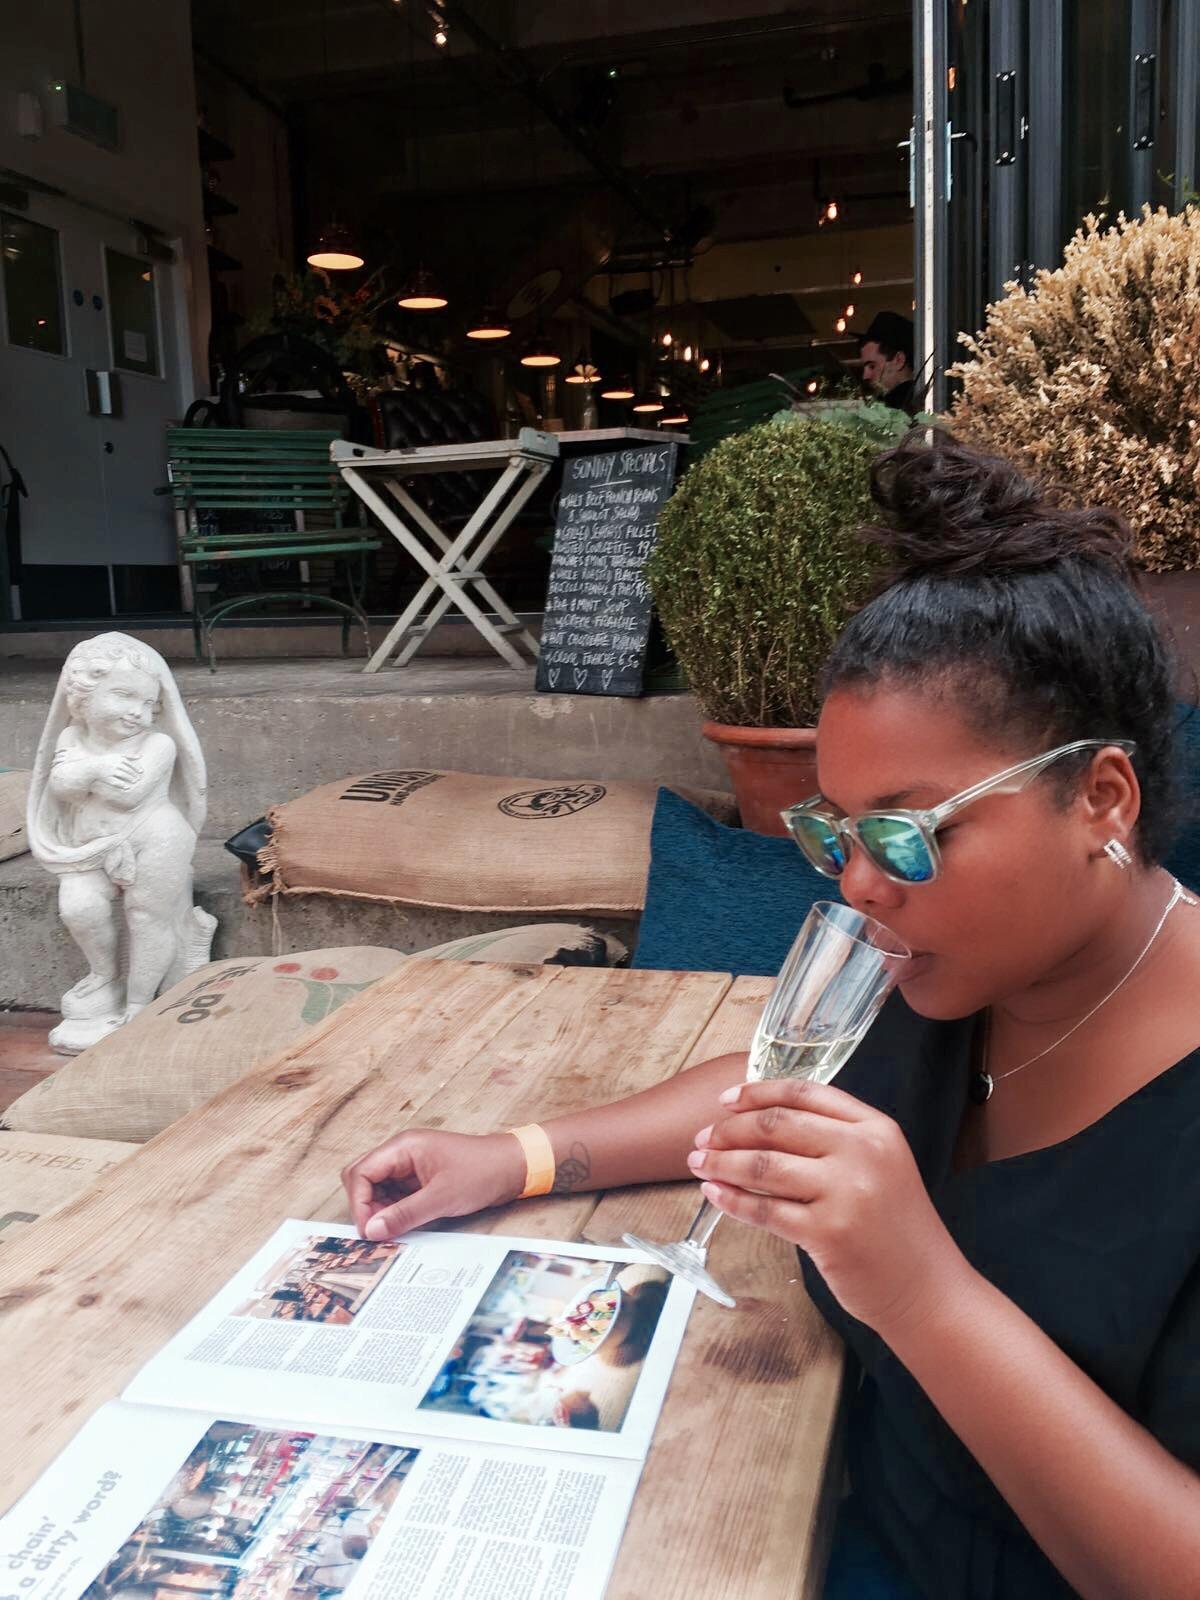 Sunday's Bottomless #Brunch at .@Wringer_Mangle #BrunchReview #Foodbloggers #BloggingGals